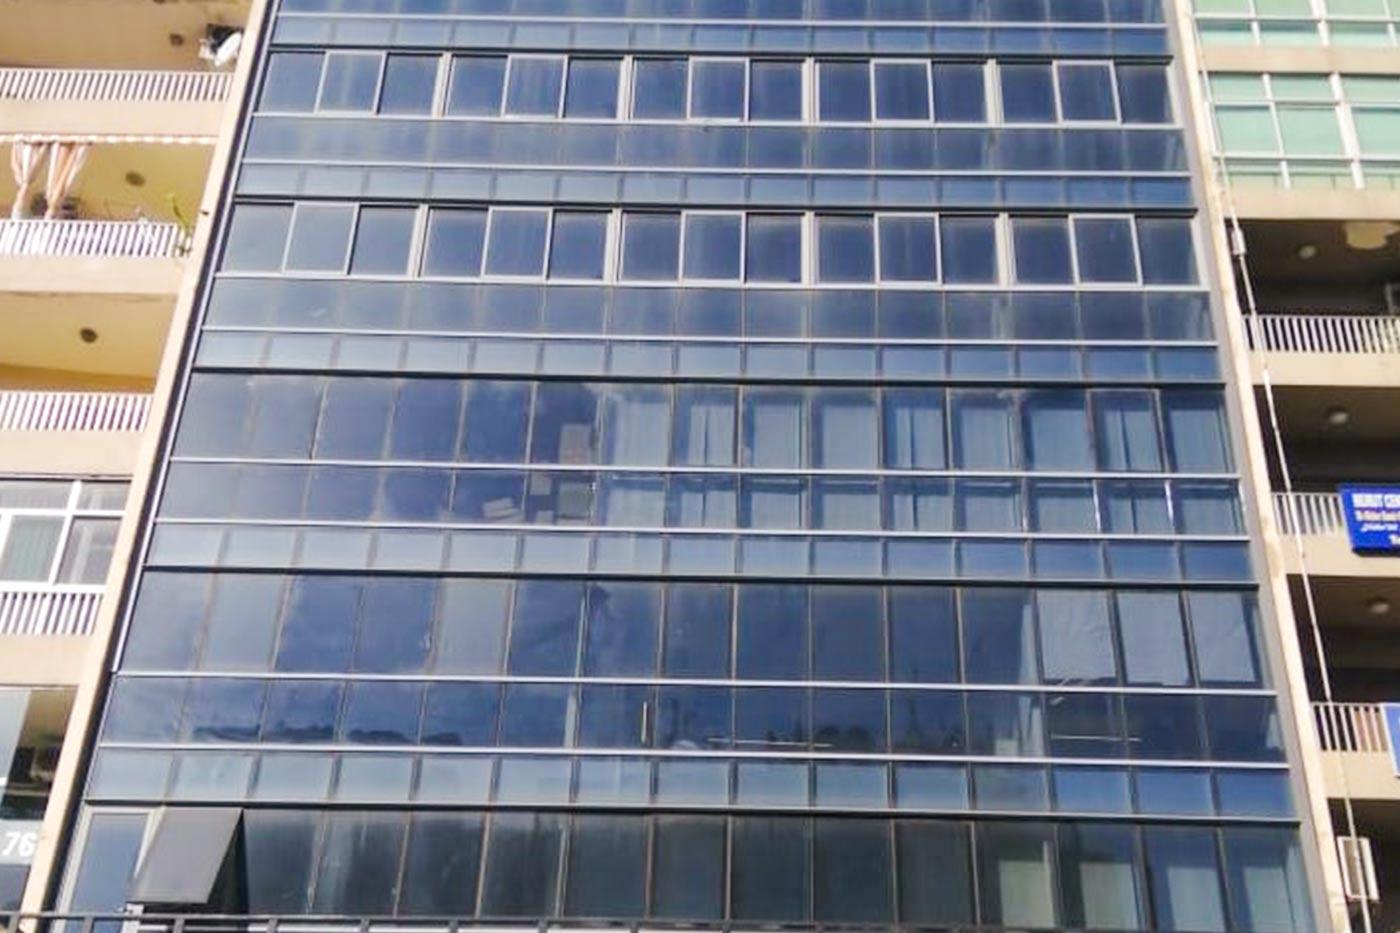 Msaytbeh - Full Building View - Windows & Stories